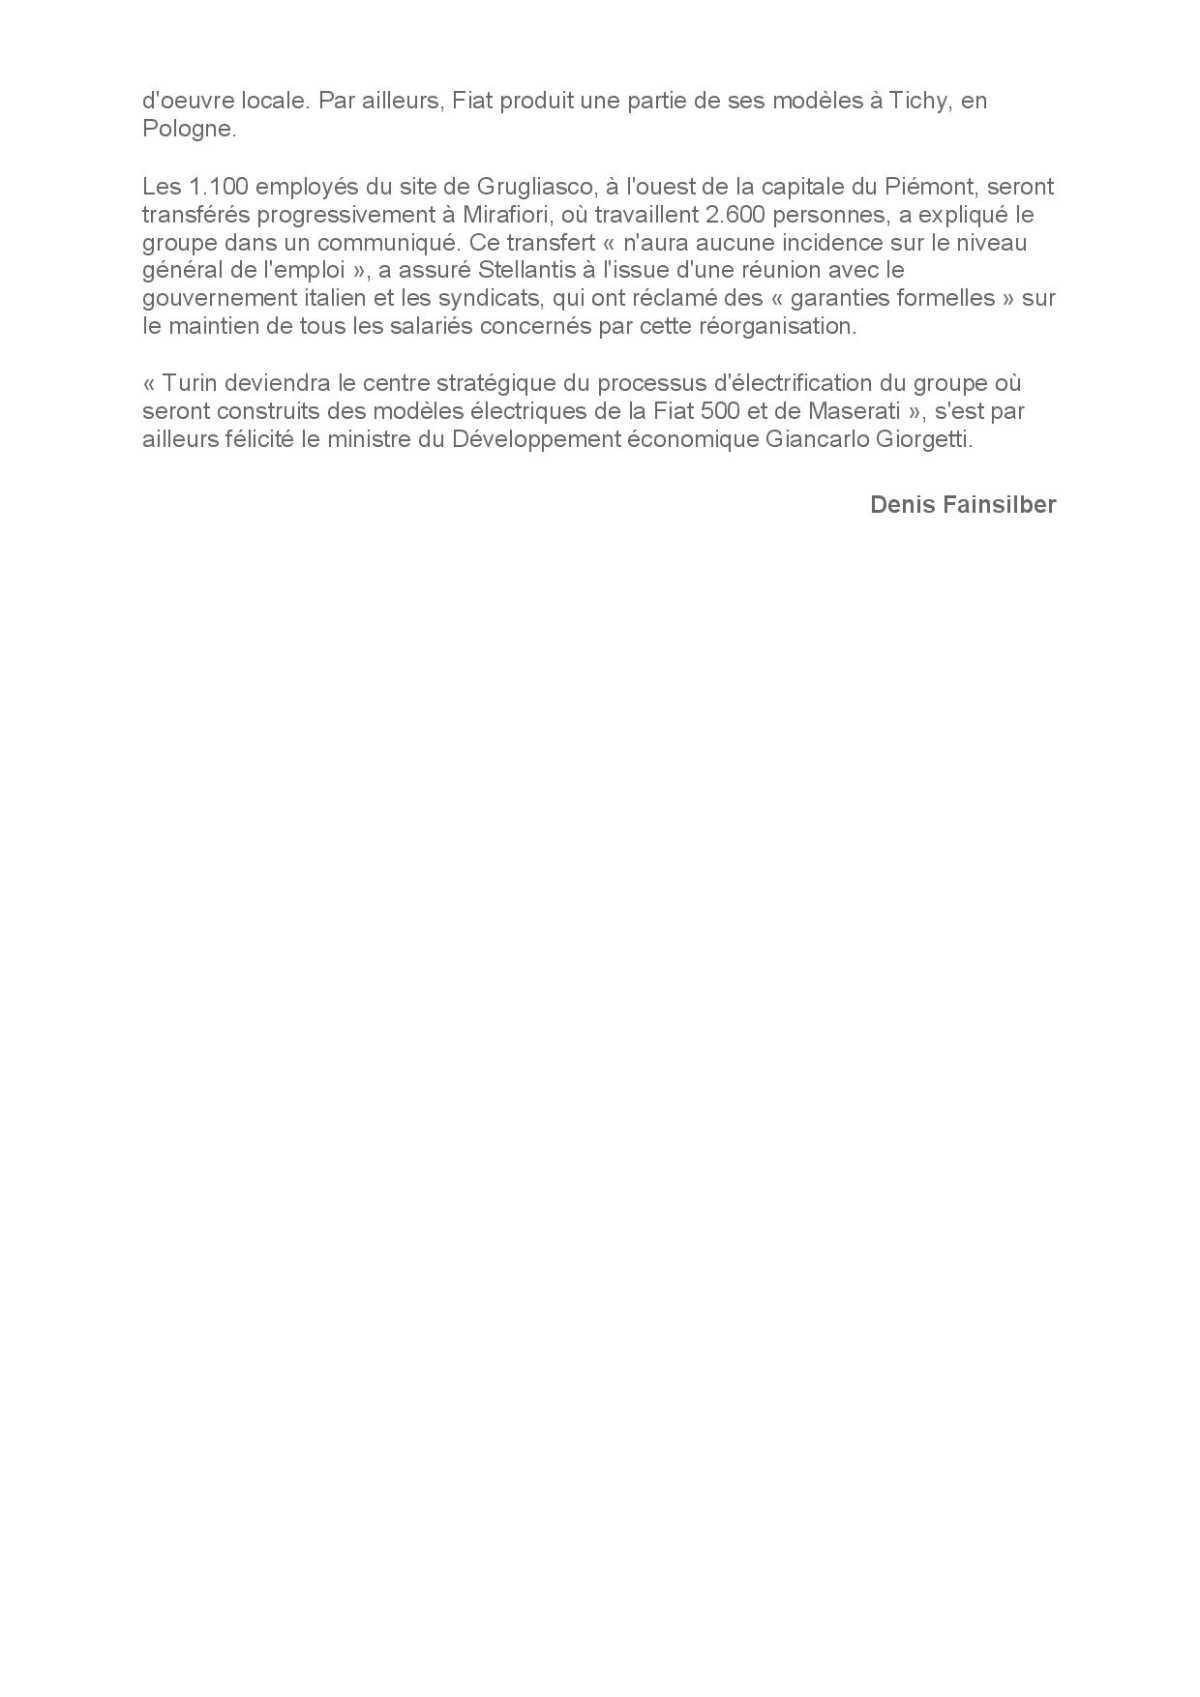 Stellantis réorganise ses usines Fiat.